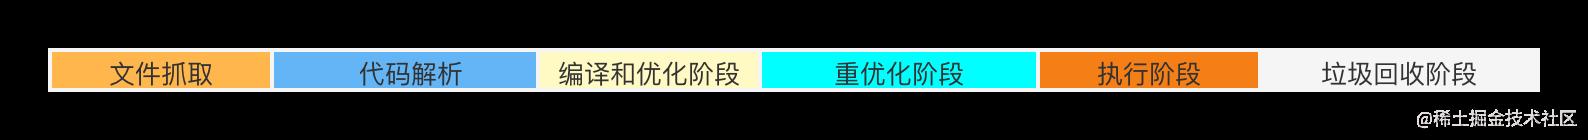 JS引擎各阶段.png